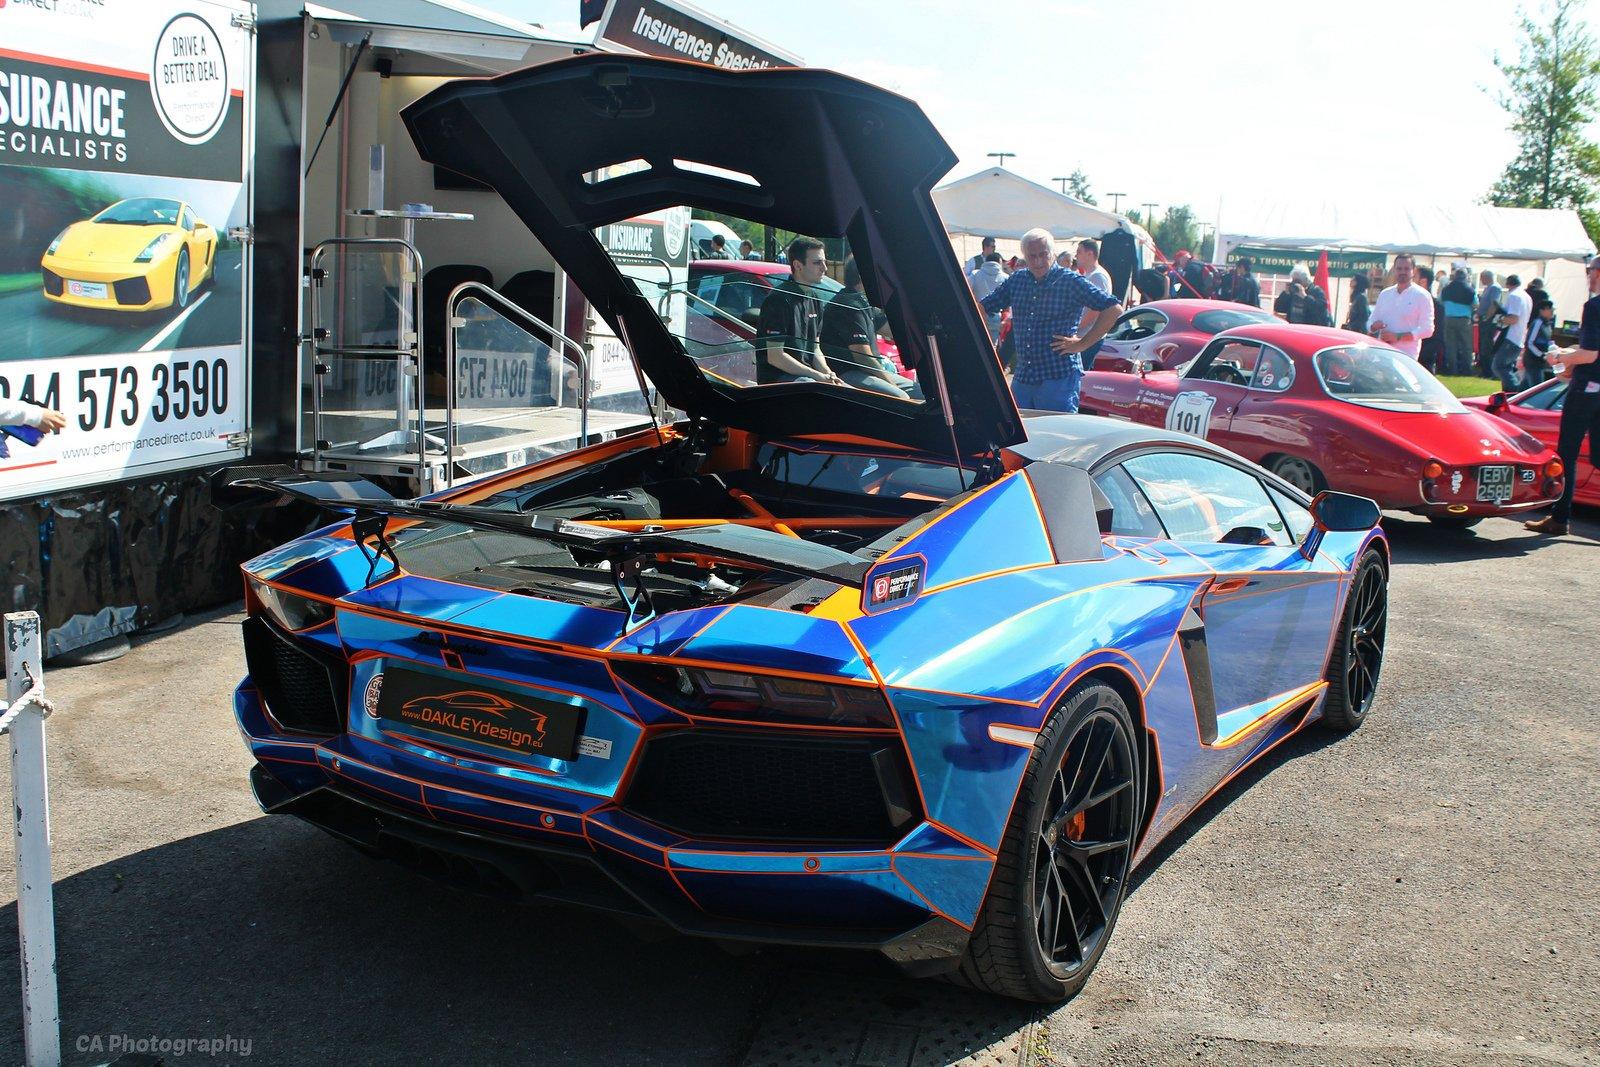 lamborghini aventador lp700 4 chrome blue tuning supercars wallpaper 1600x1067 393718 wallpaperup - Lamborghini Aventador Blue Chrome